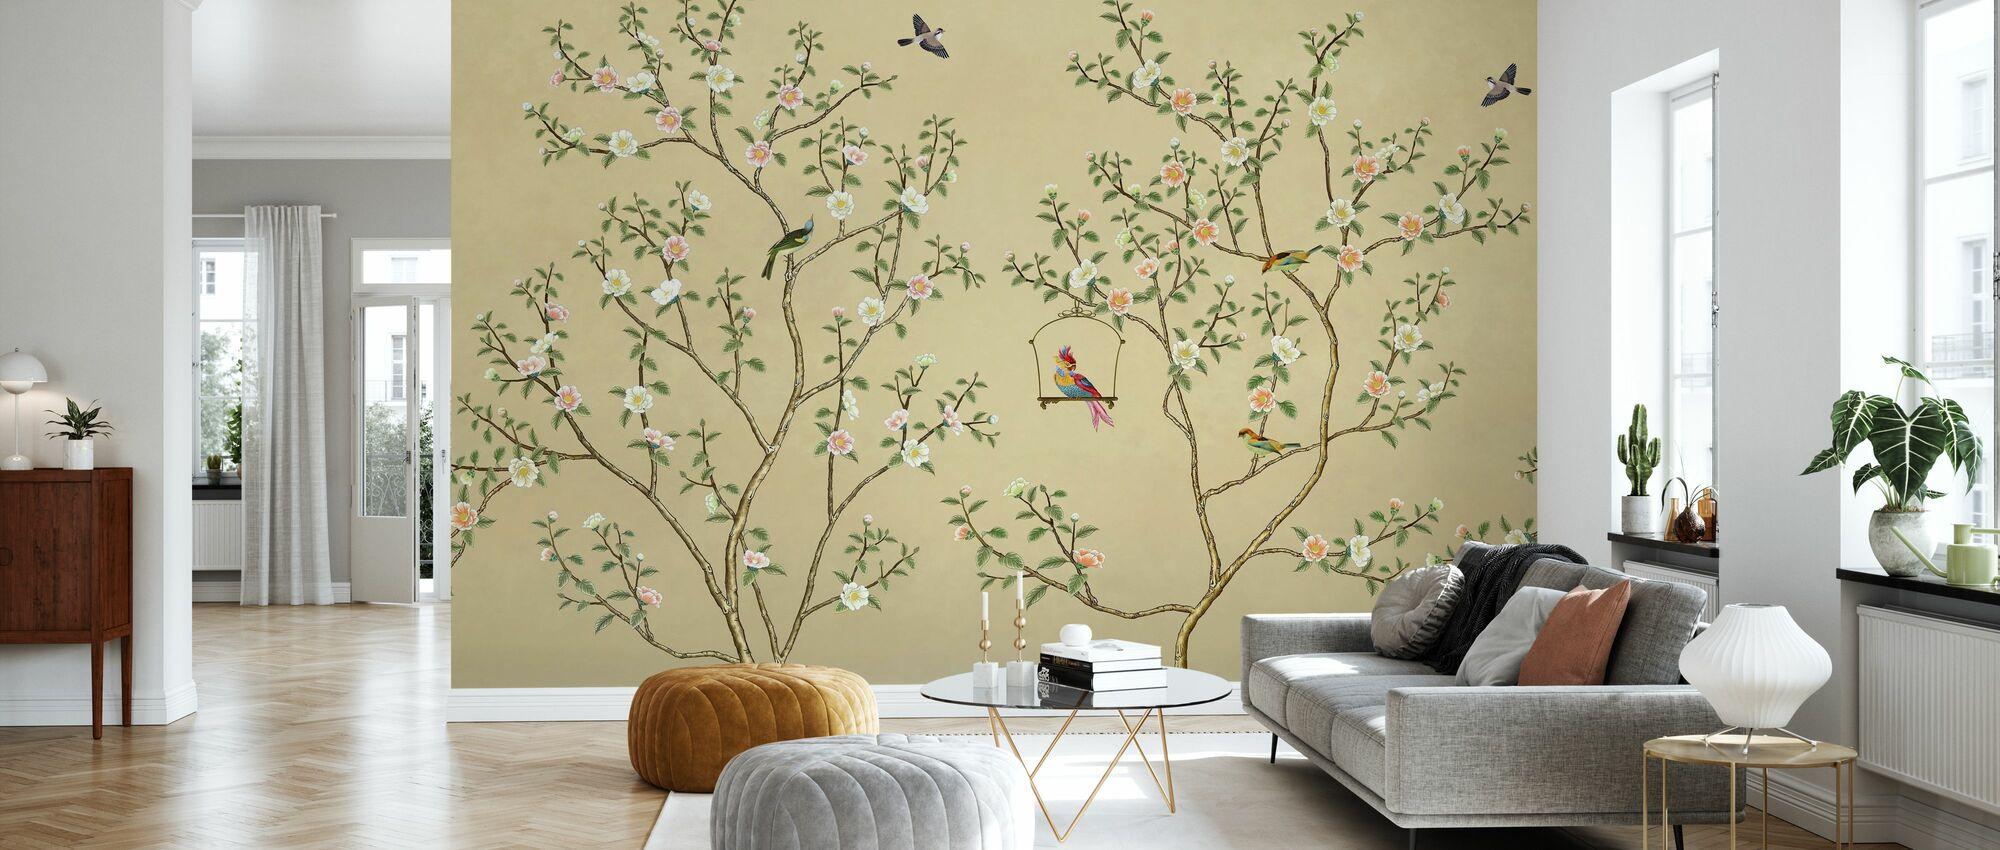 Birds Hangout - Hazel - Wallpaper - Living Room